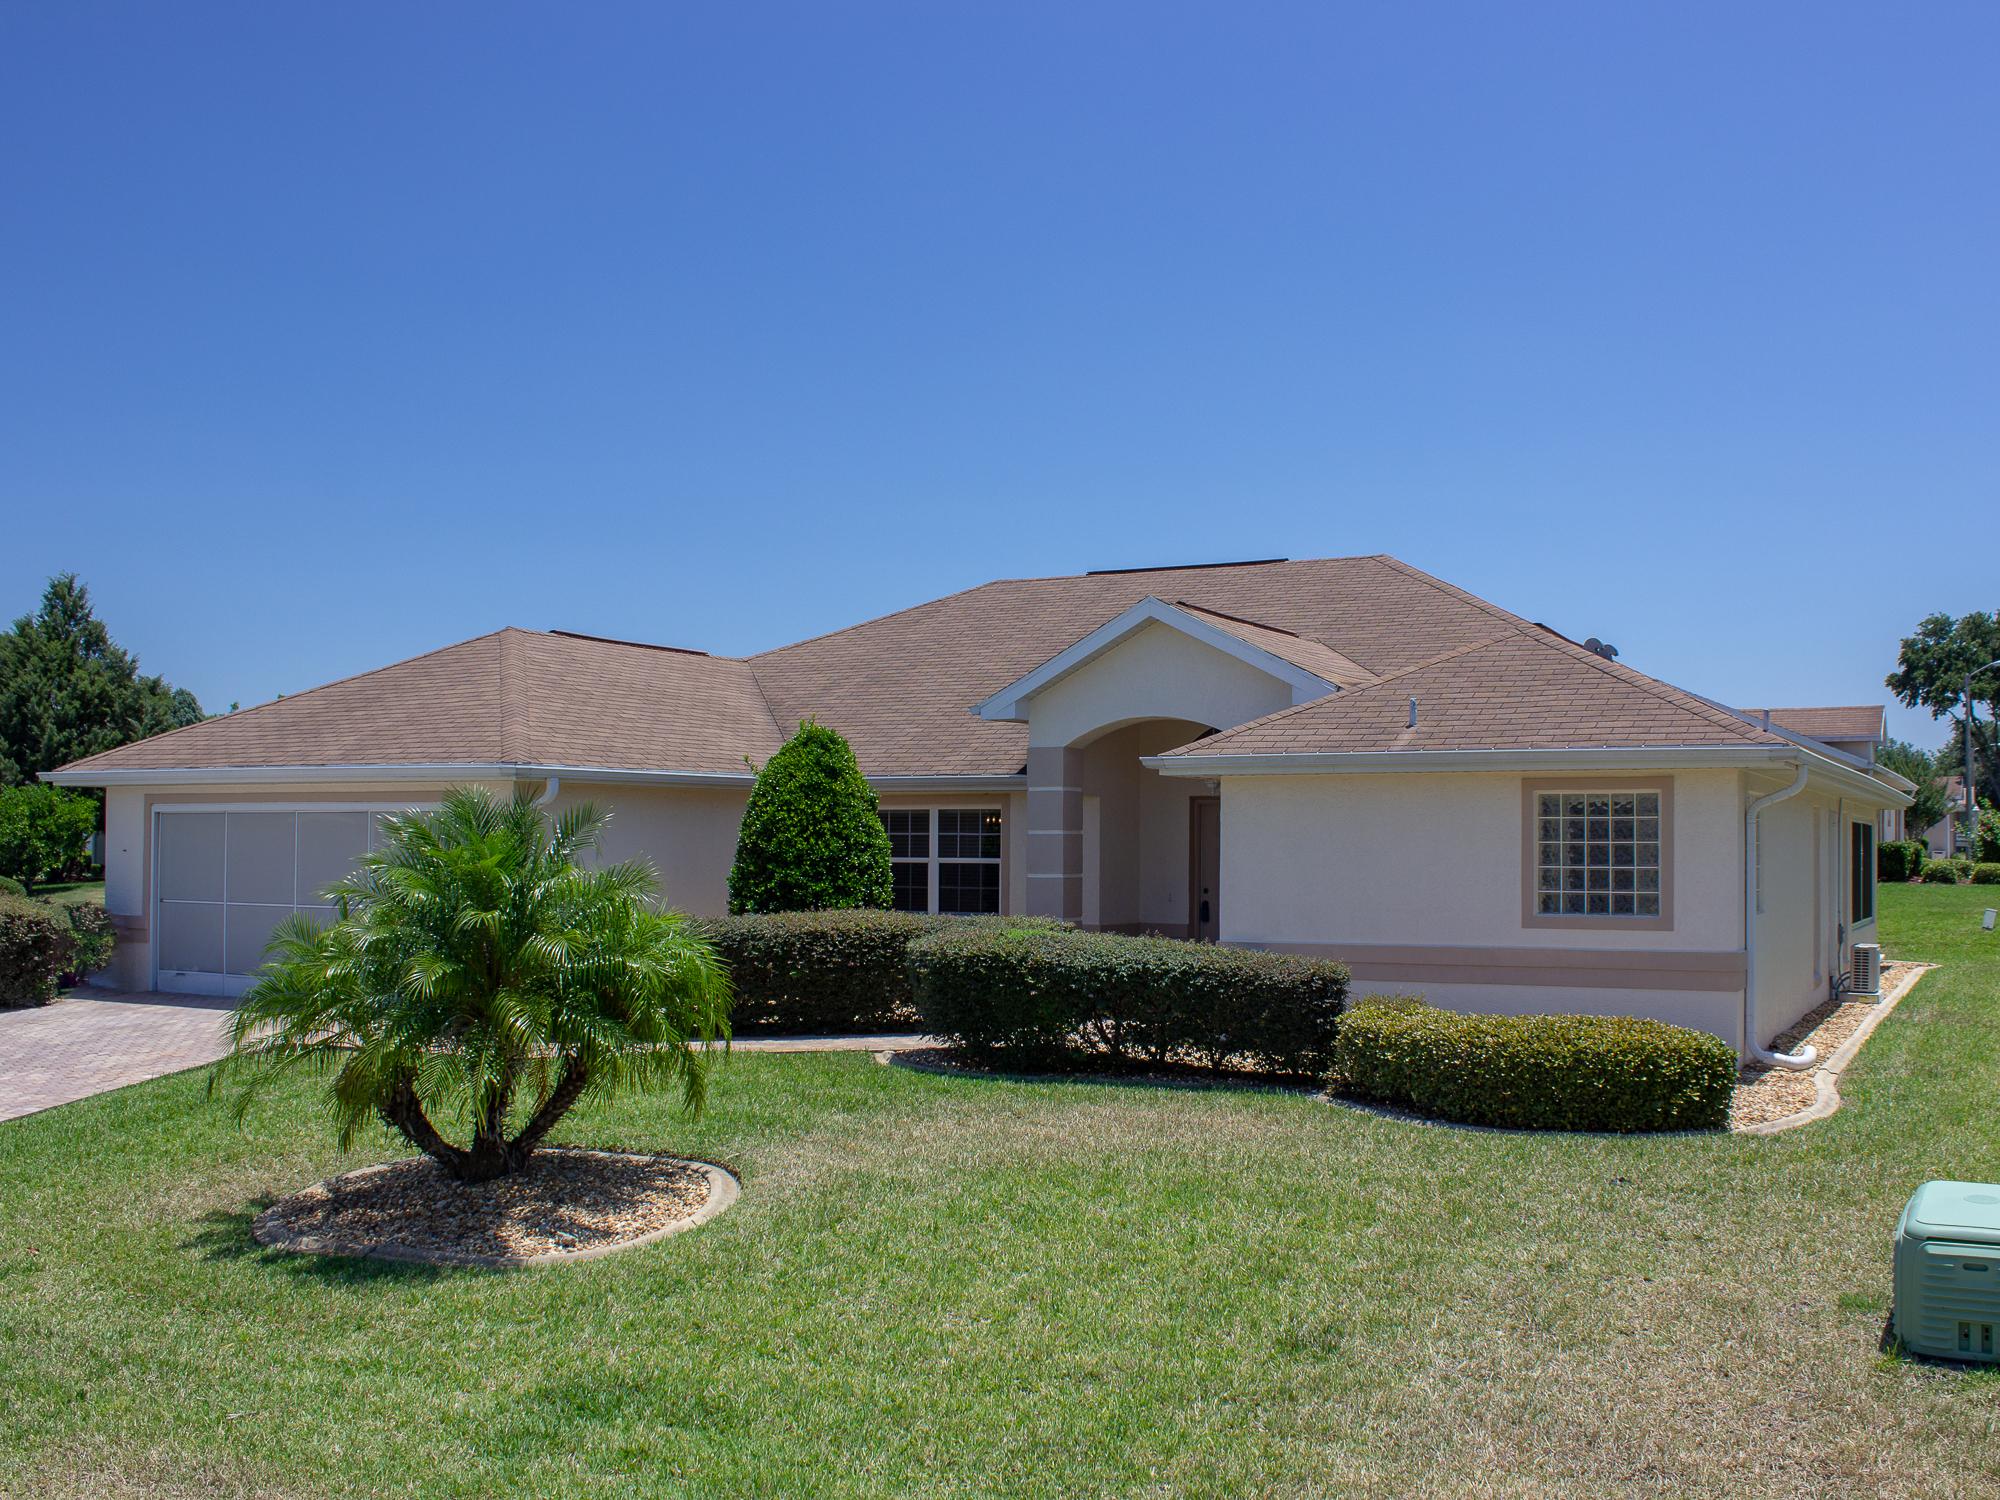 17431-SE-110th-Terrace-Summerfield-FL-34491-110-of-39